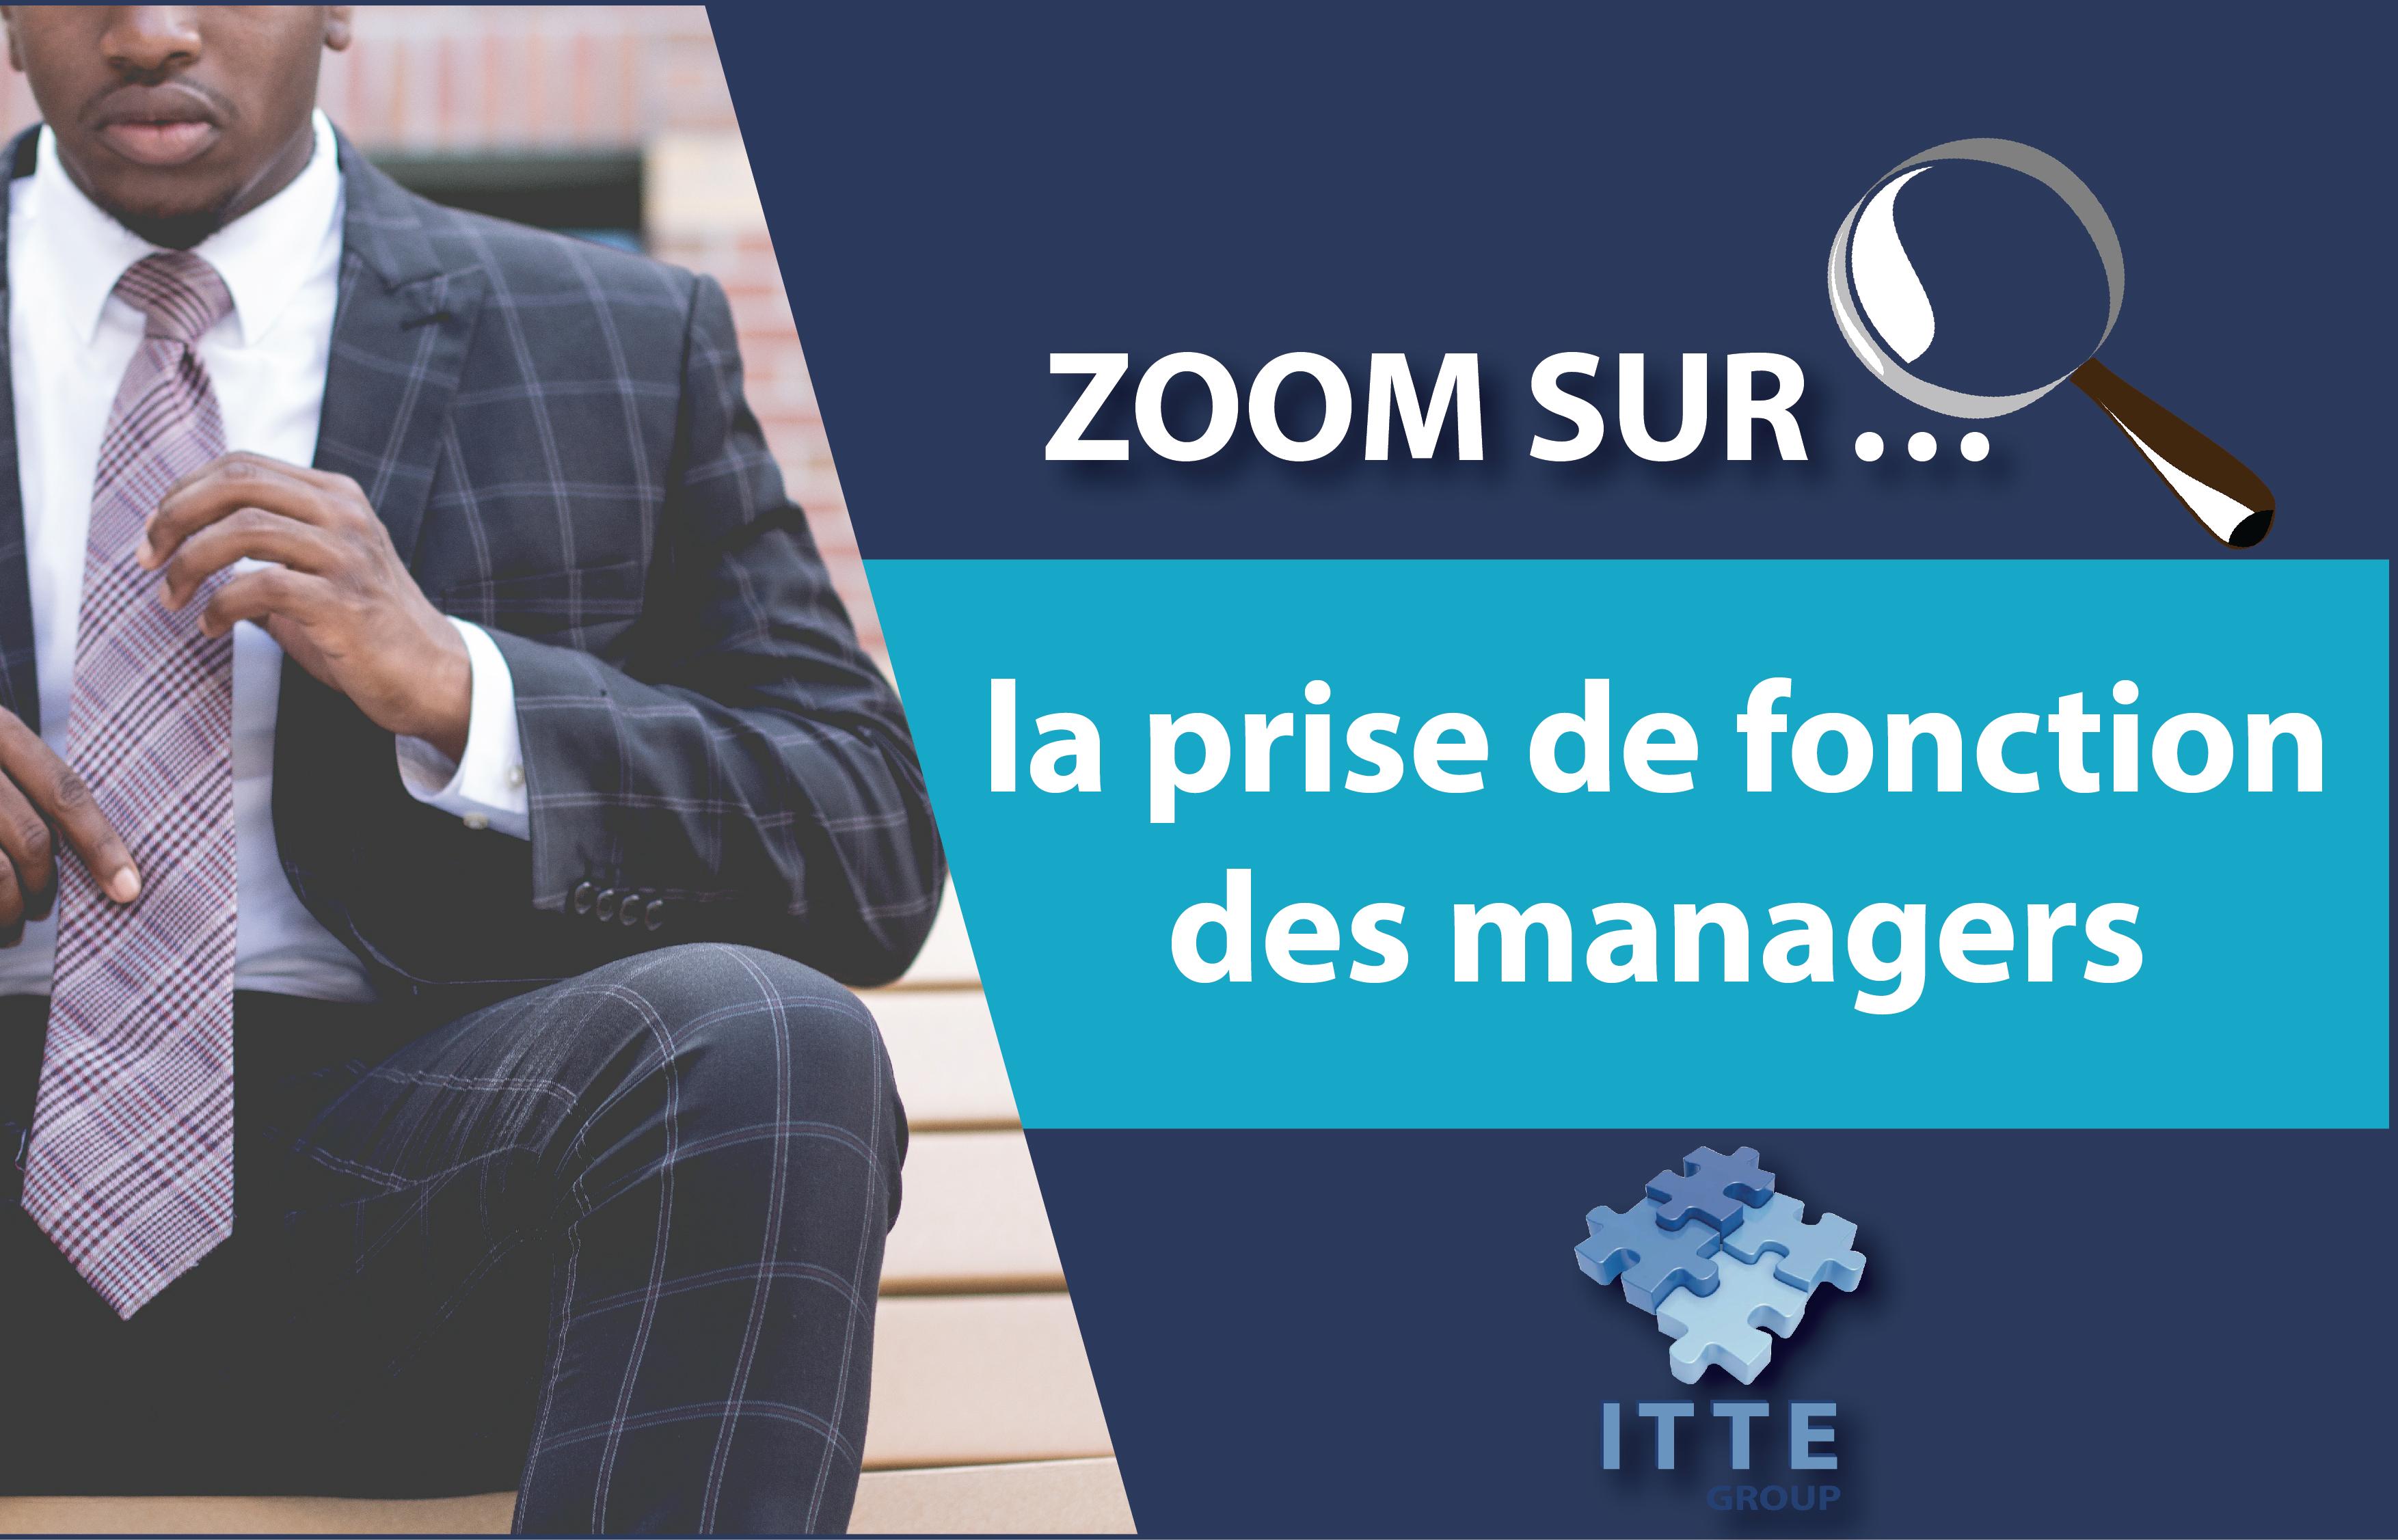 RTT ZOOOM-01